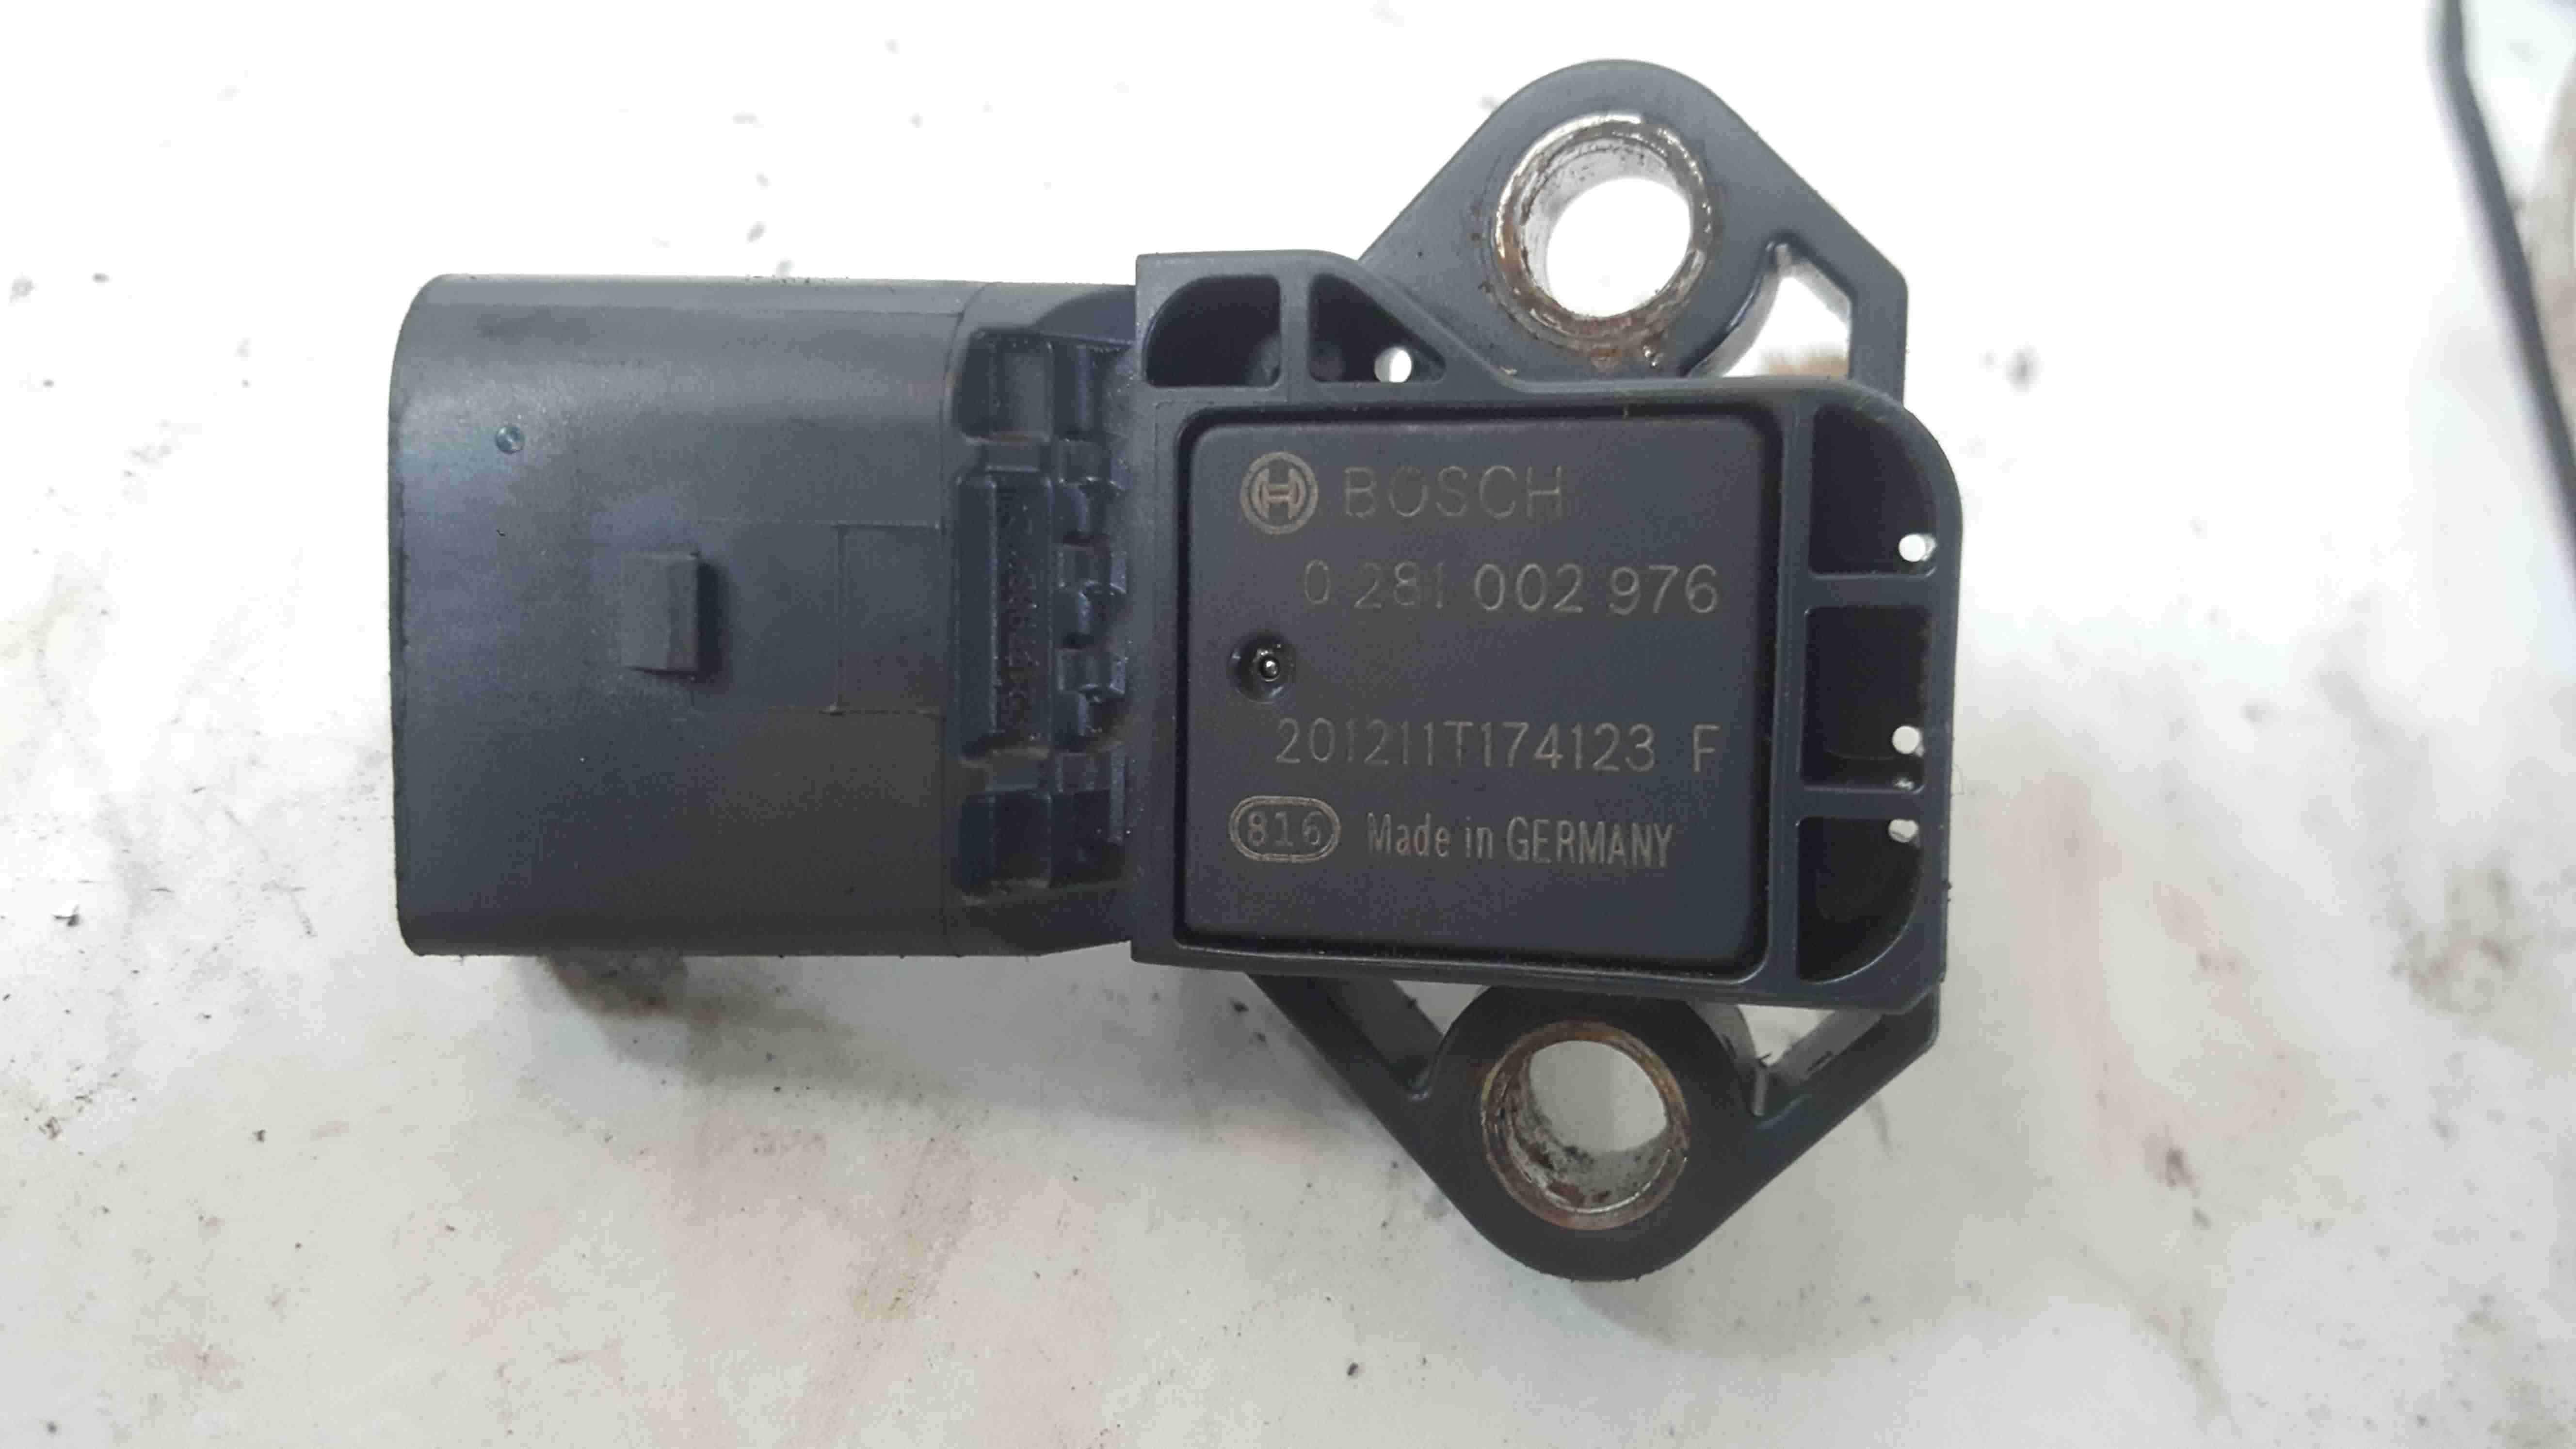 Volkswagen Passat B7 2010-2015 1.6 TDi Map Sensor 0281002976